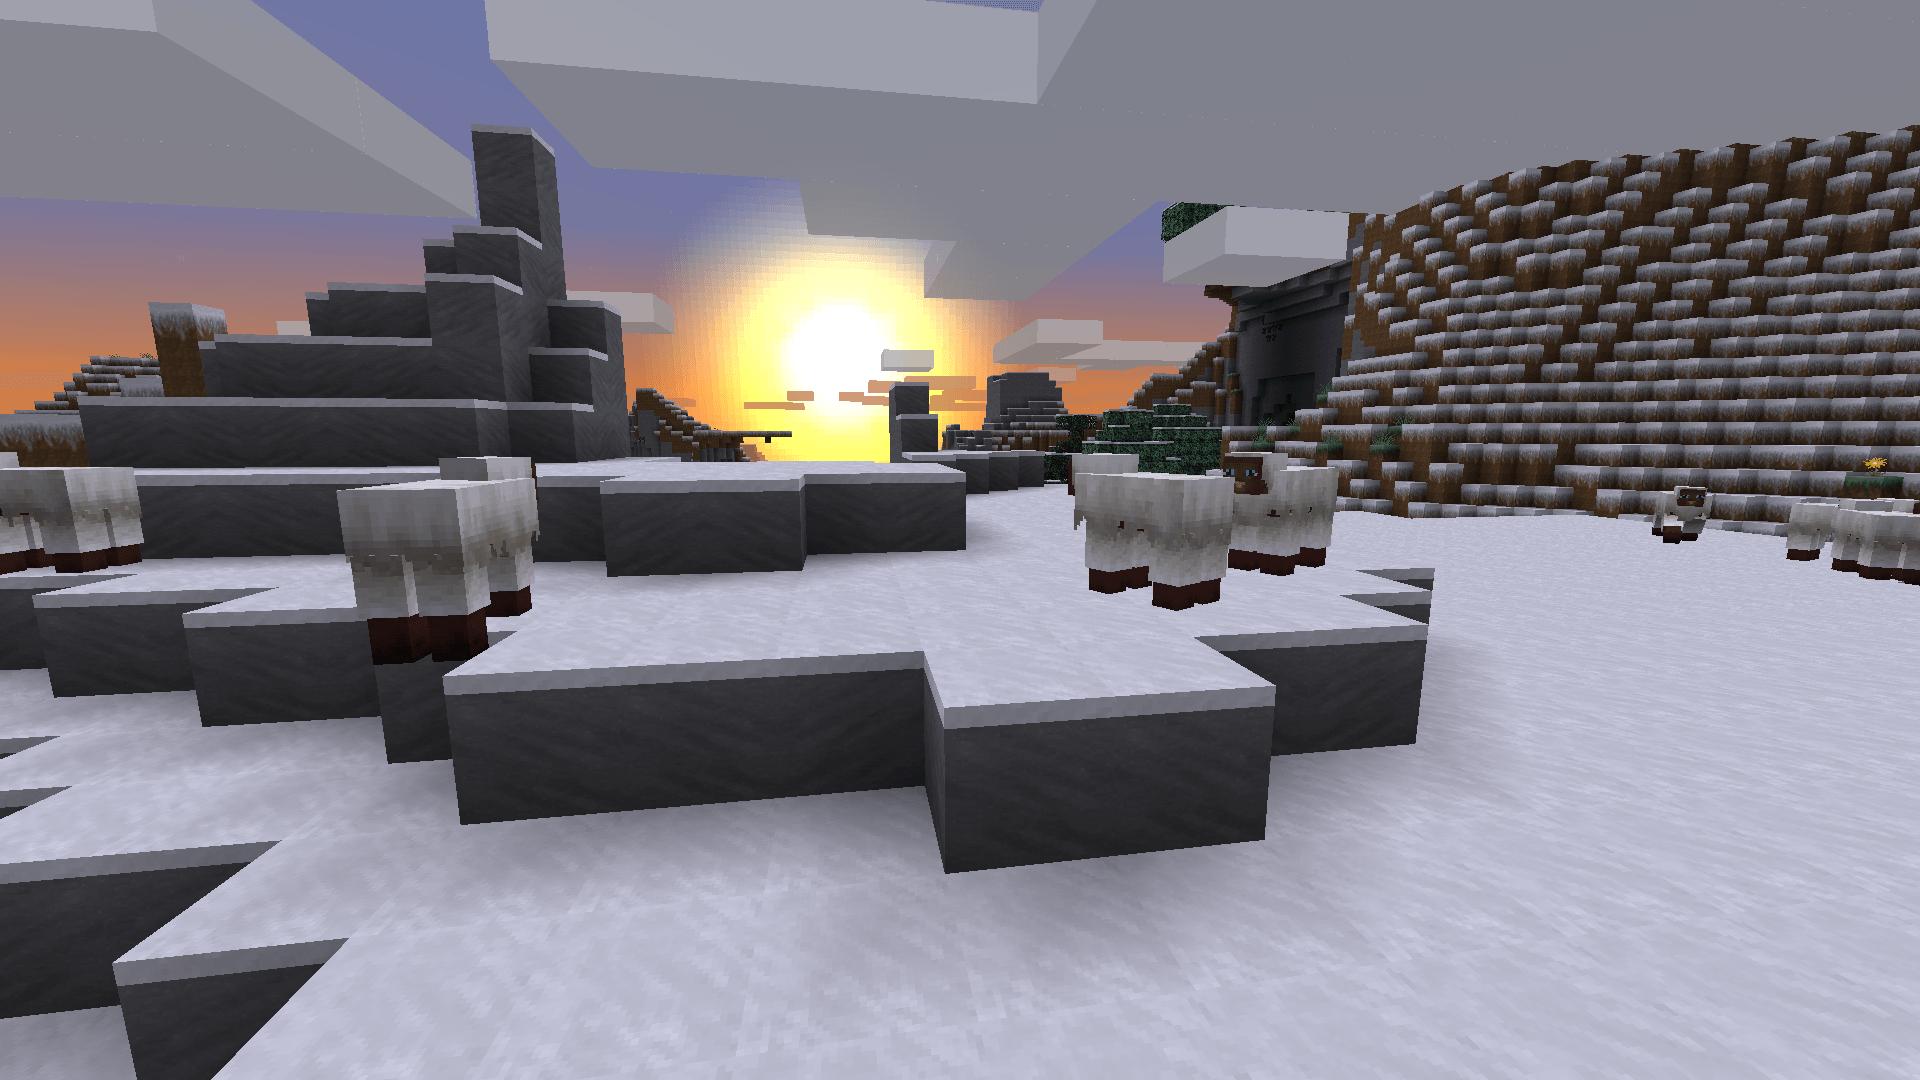 les moutons et la neige de Minecraft avec le resource pack The Galaxy Pack